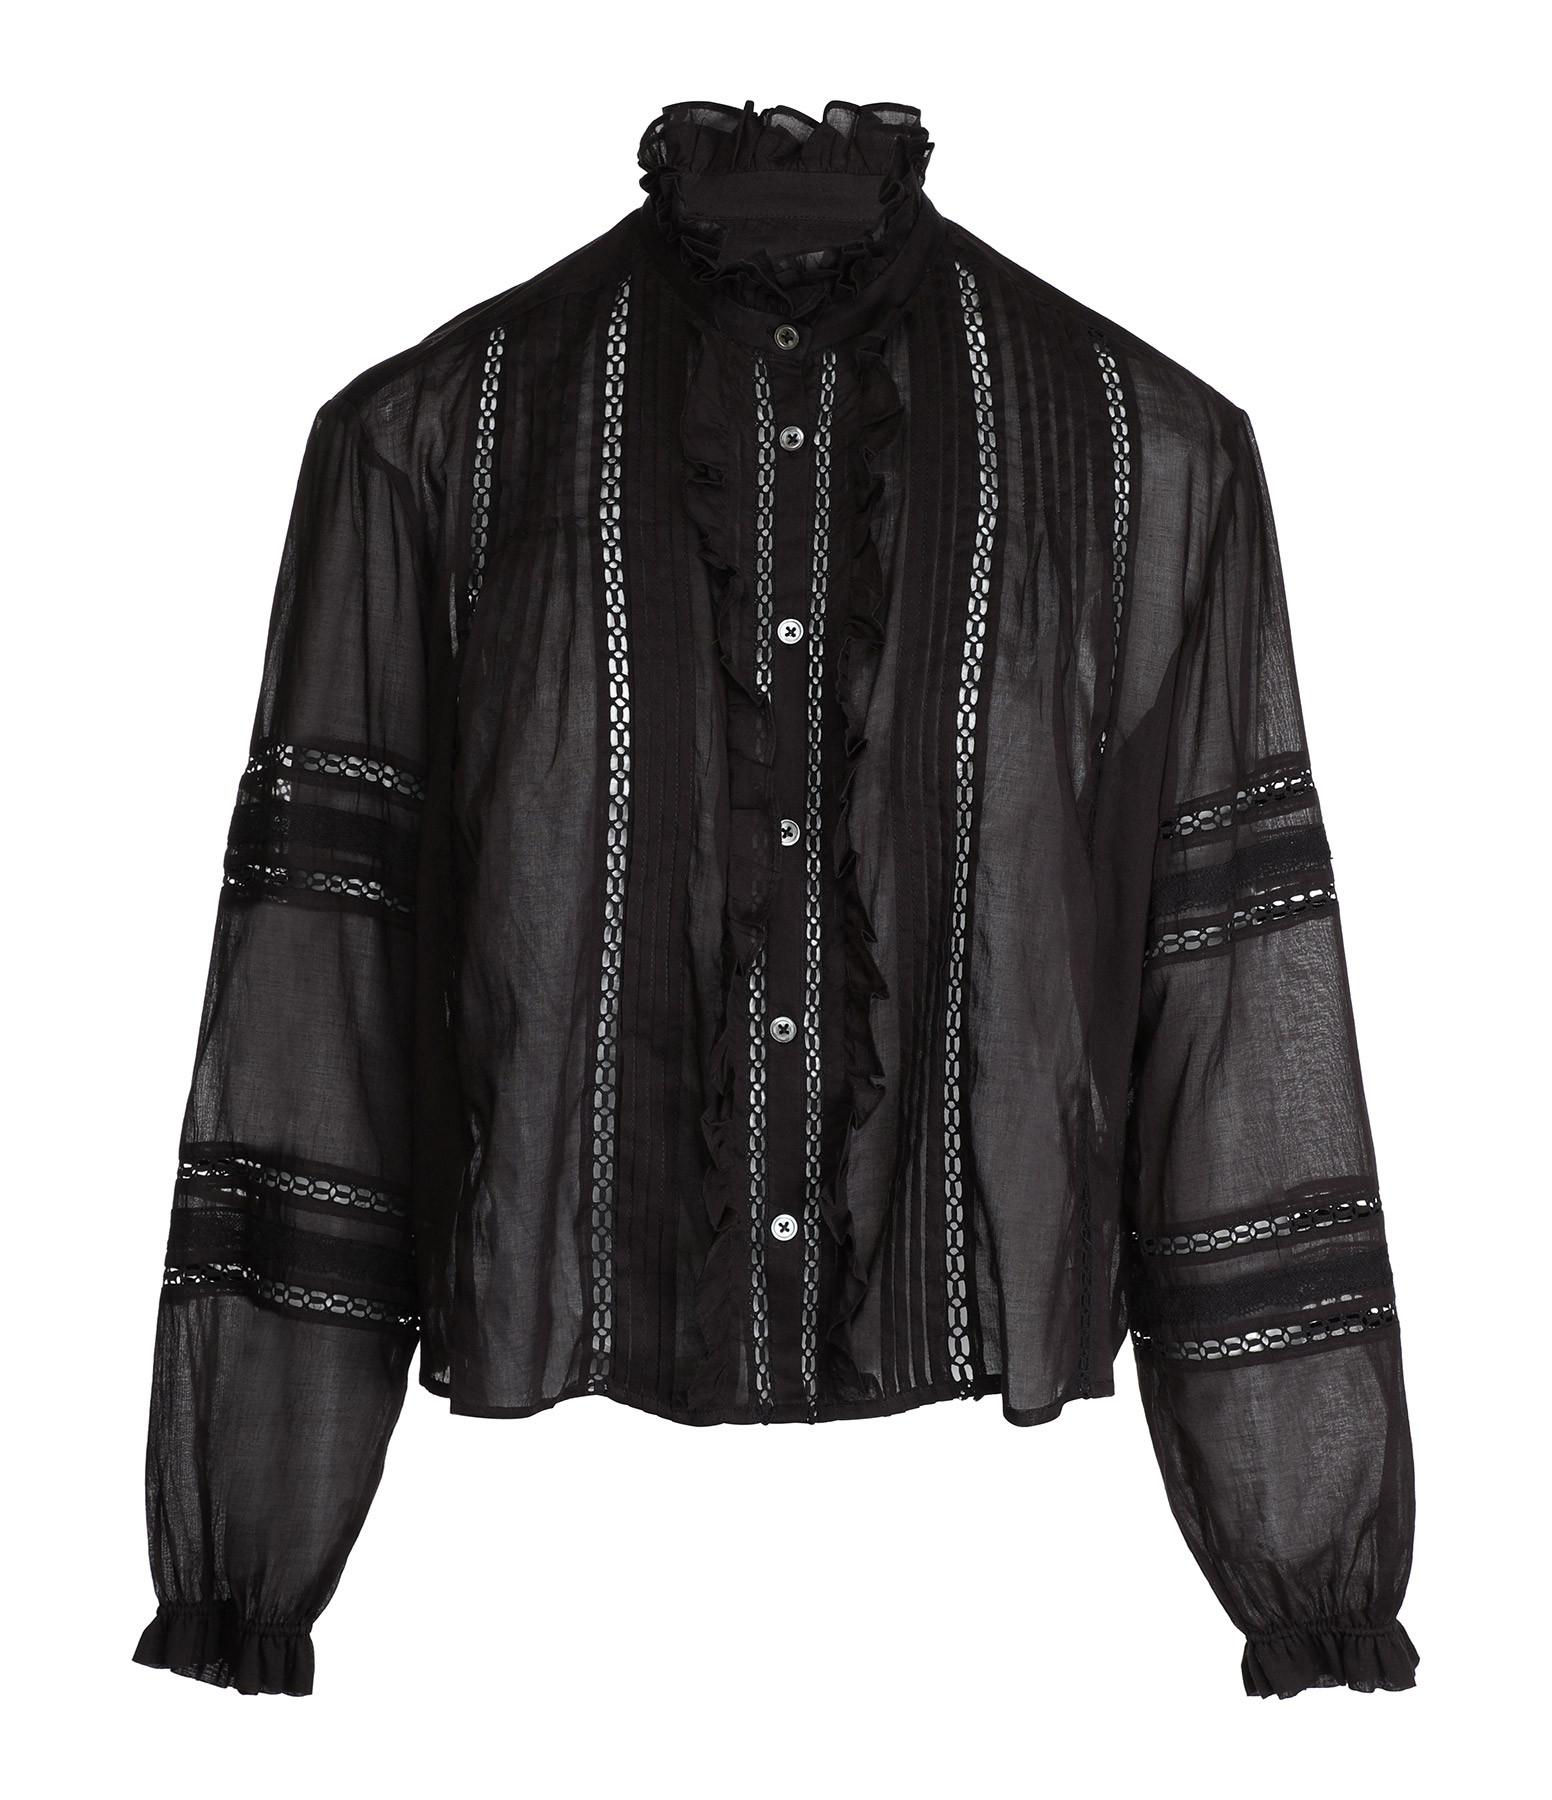 ISABEL MARANT ÉTOILE - Chemise Valda Coton Noir